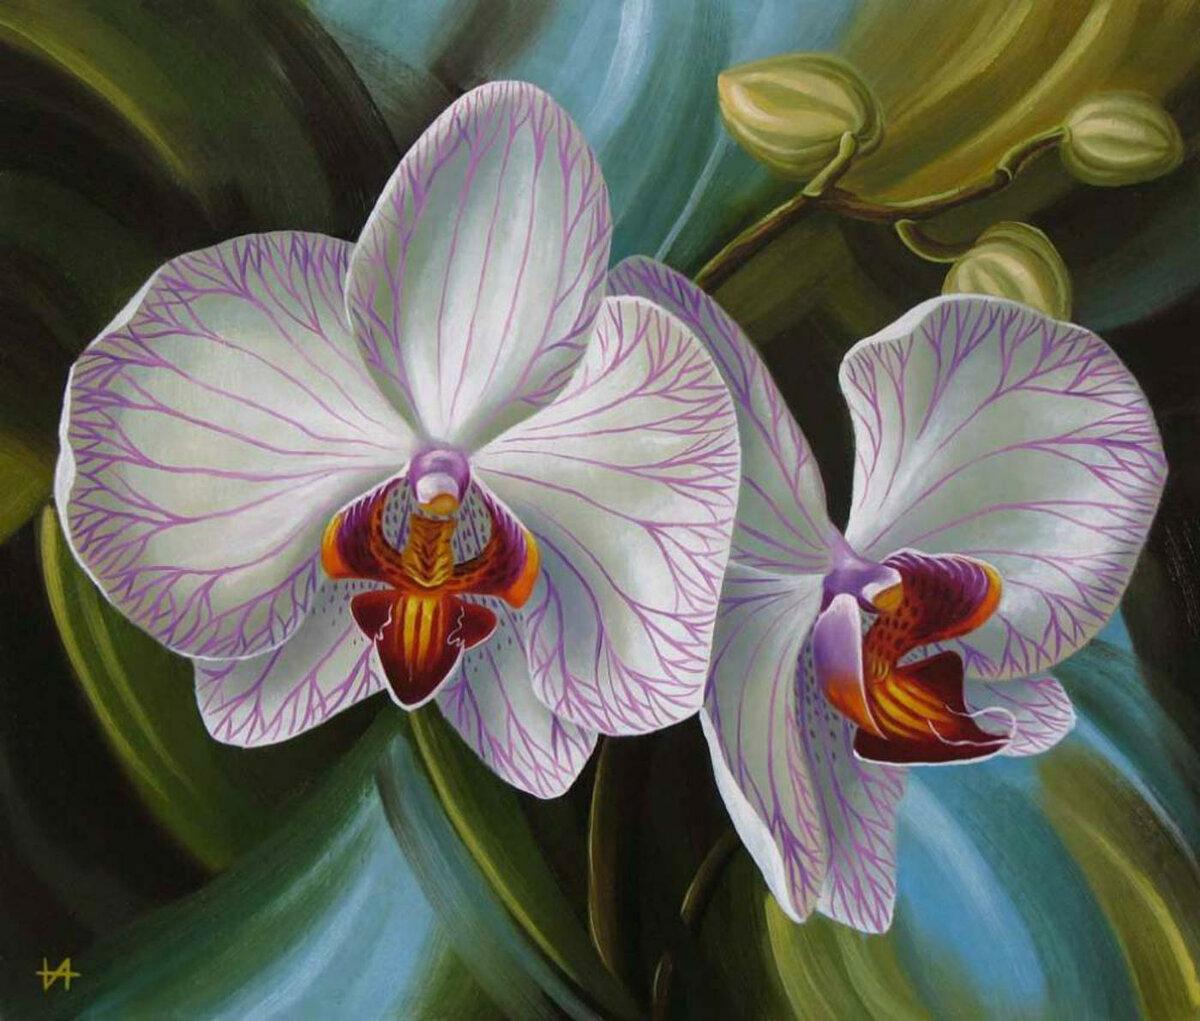 сложная, картина для распечатки орхидея форме